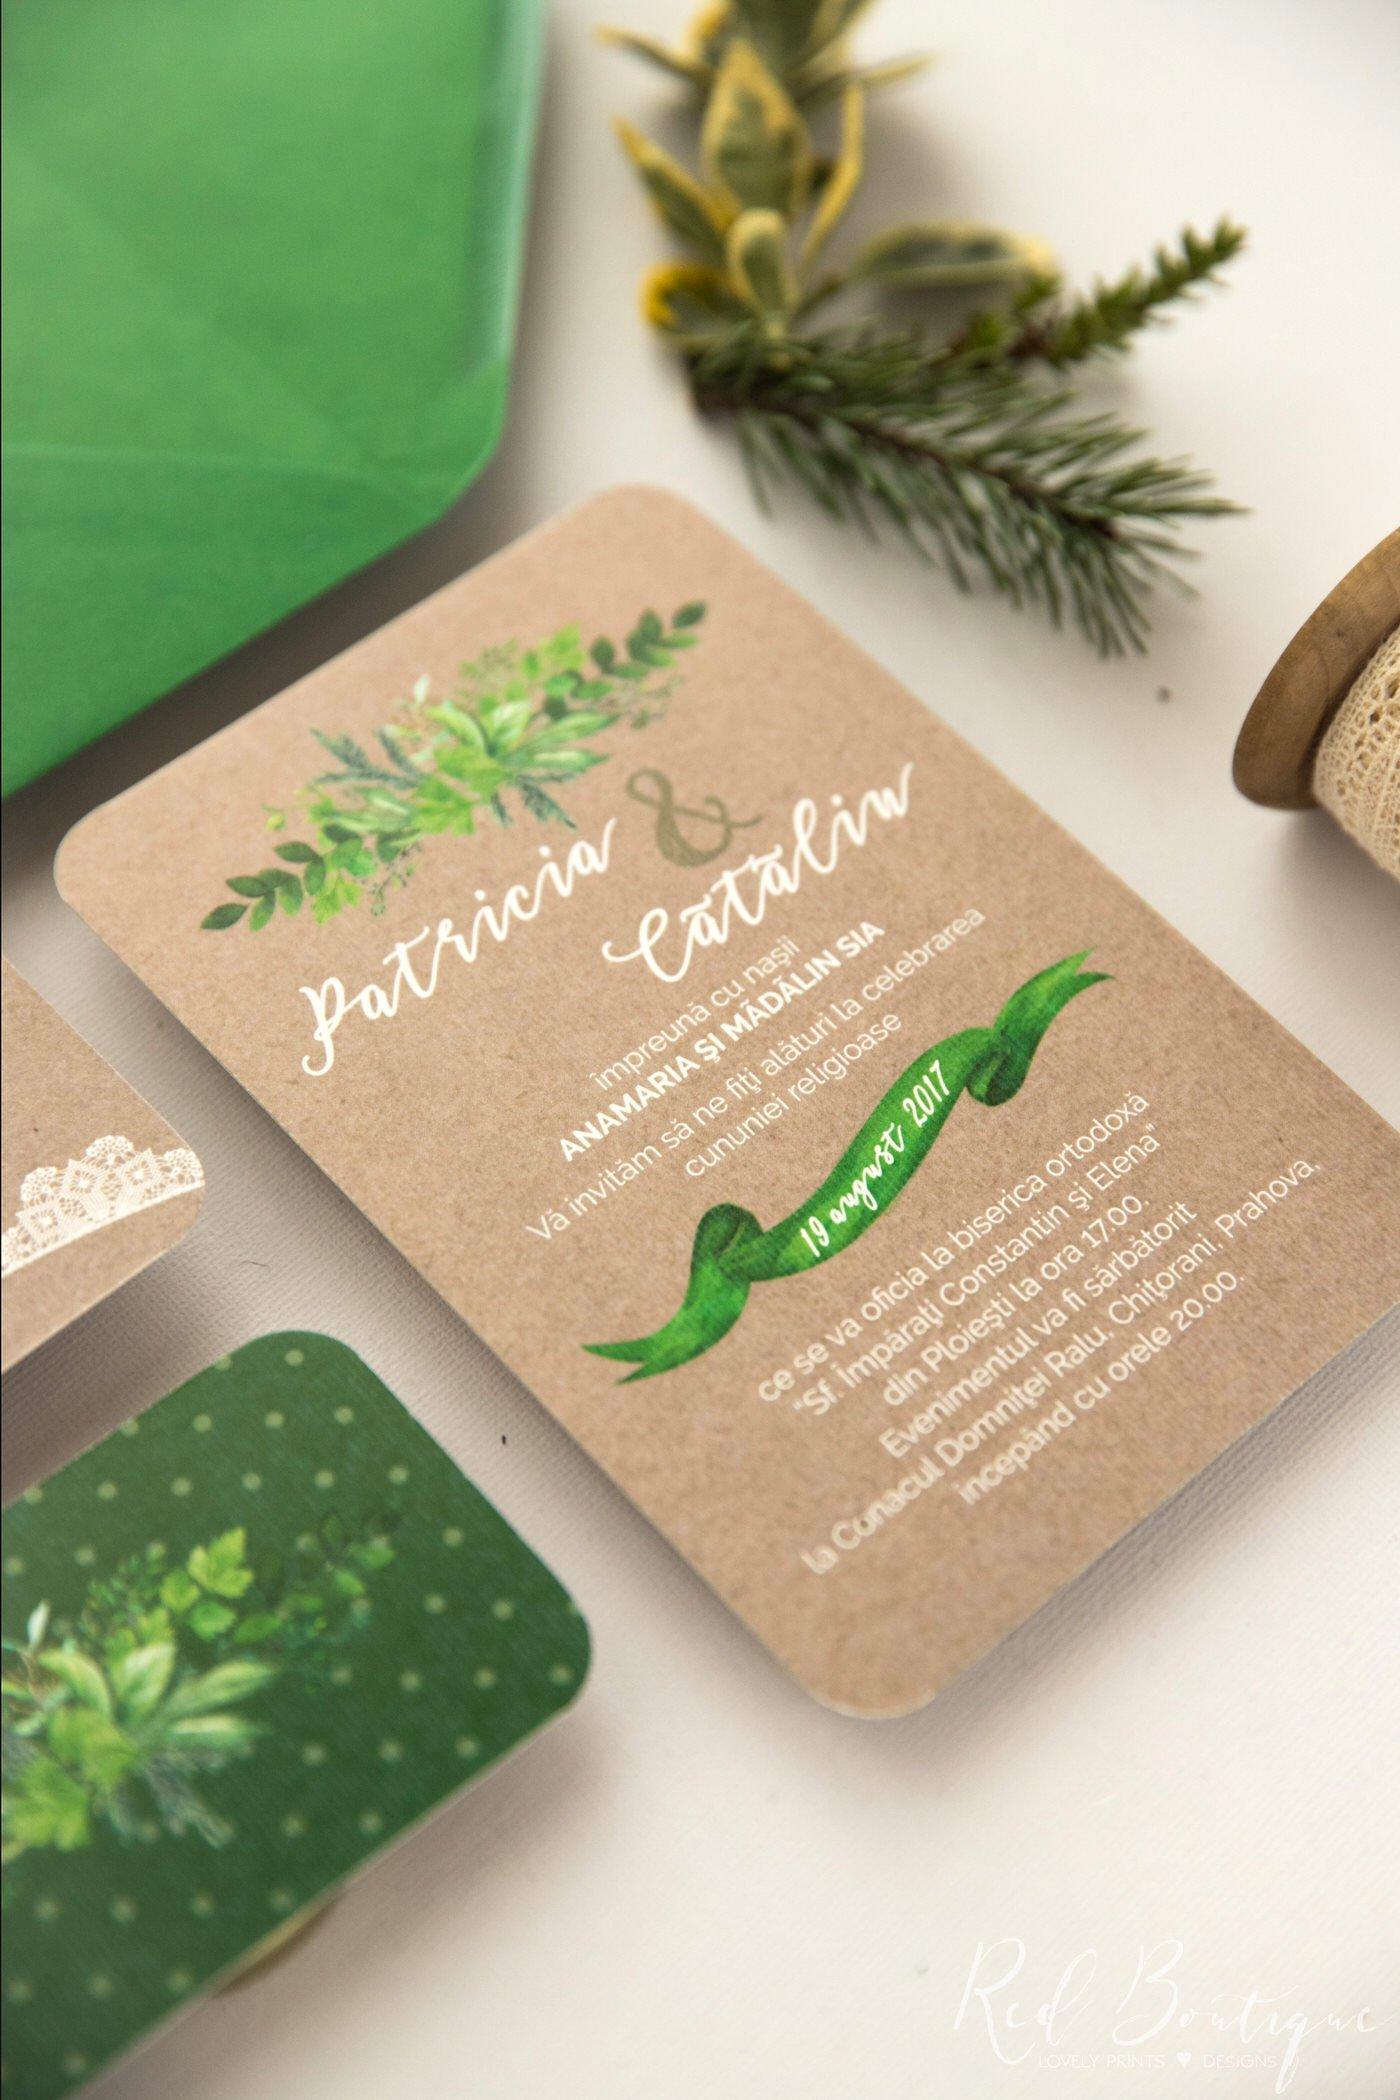 invitatie de nunta vintage cu frunze verzi si design cu panglica verde pentru numele mirilor